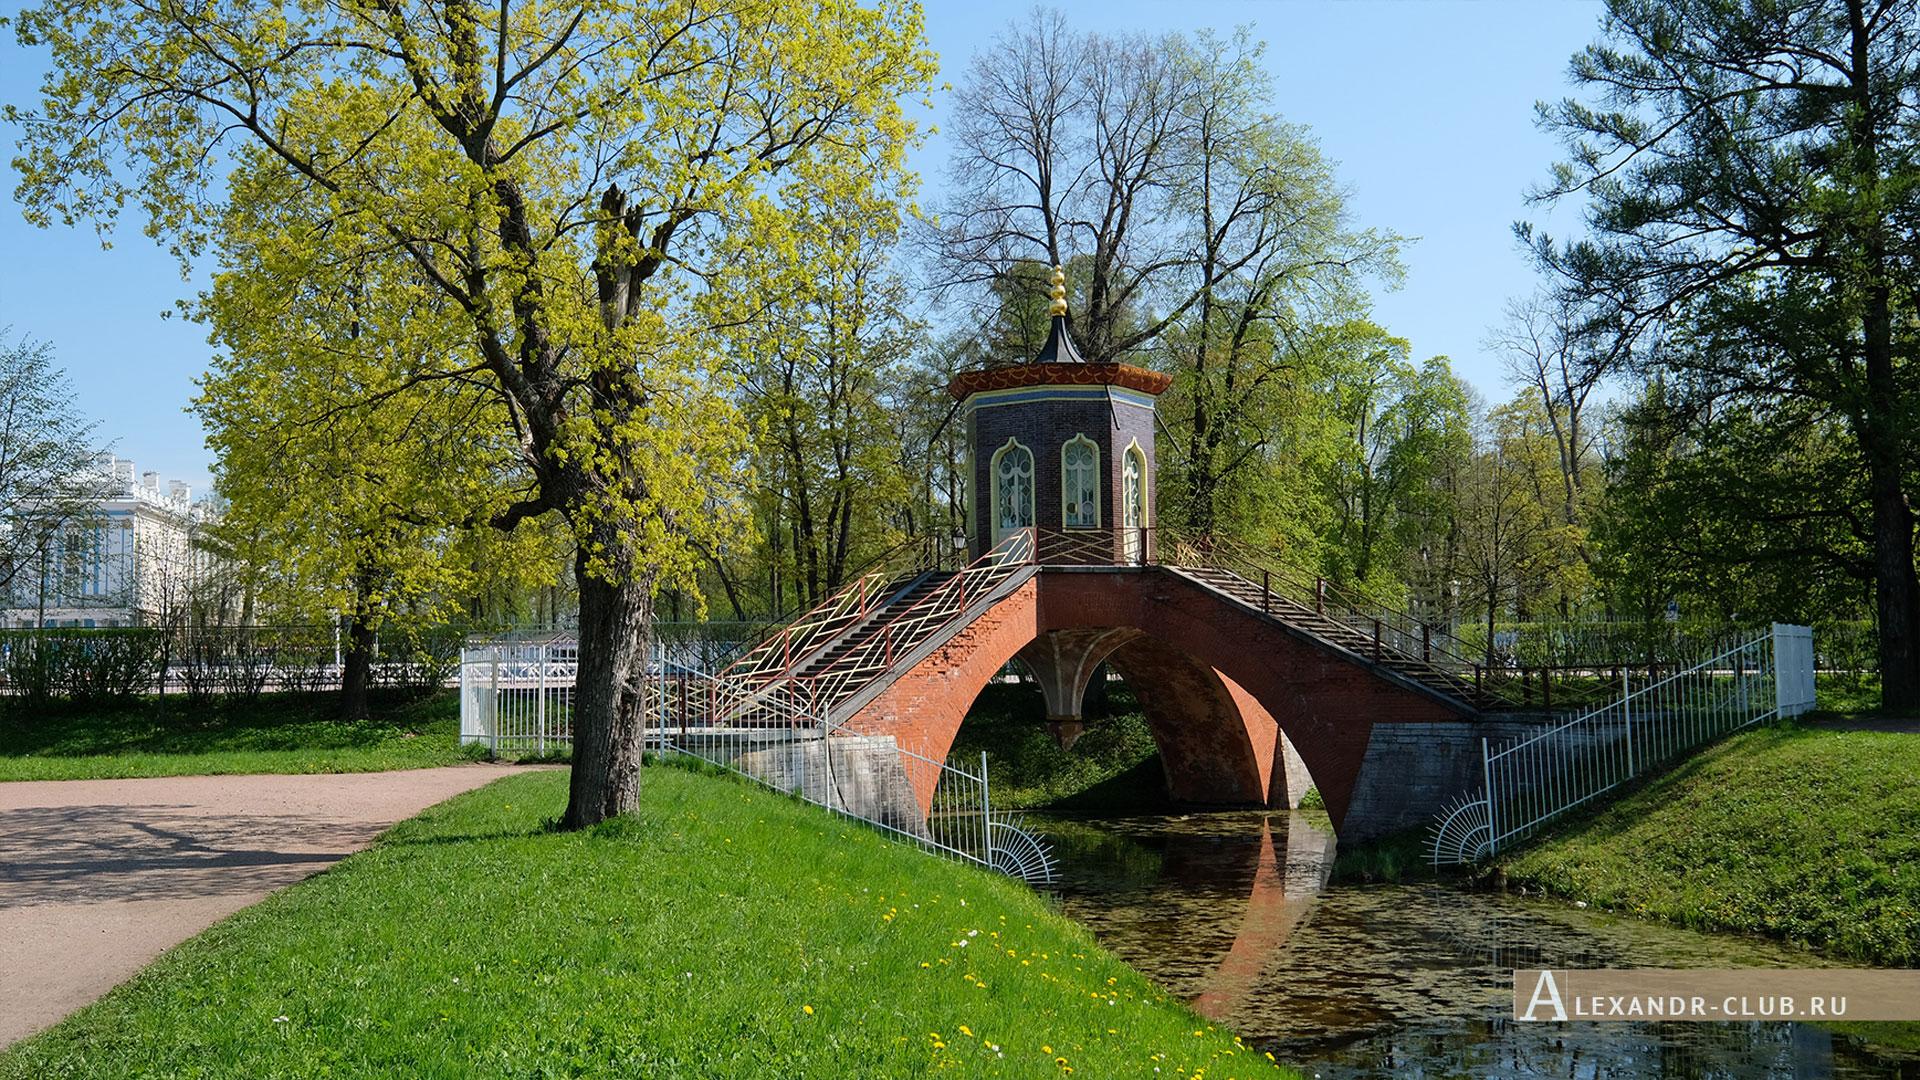 Царское Село, Александровский парк, весна, Крестовый мост